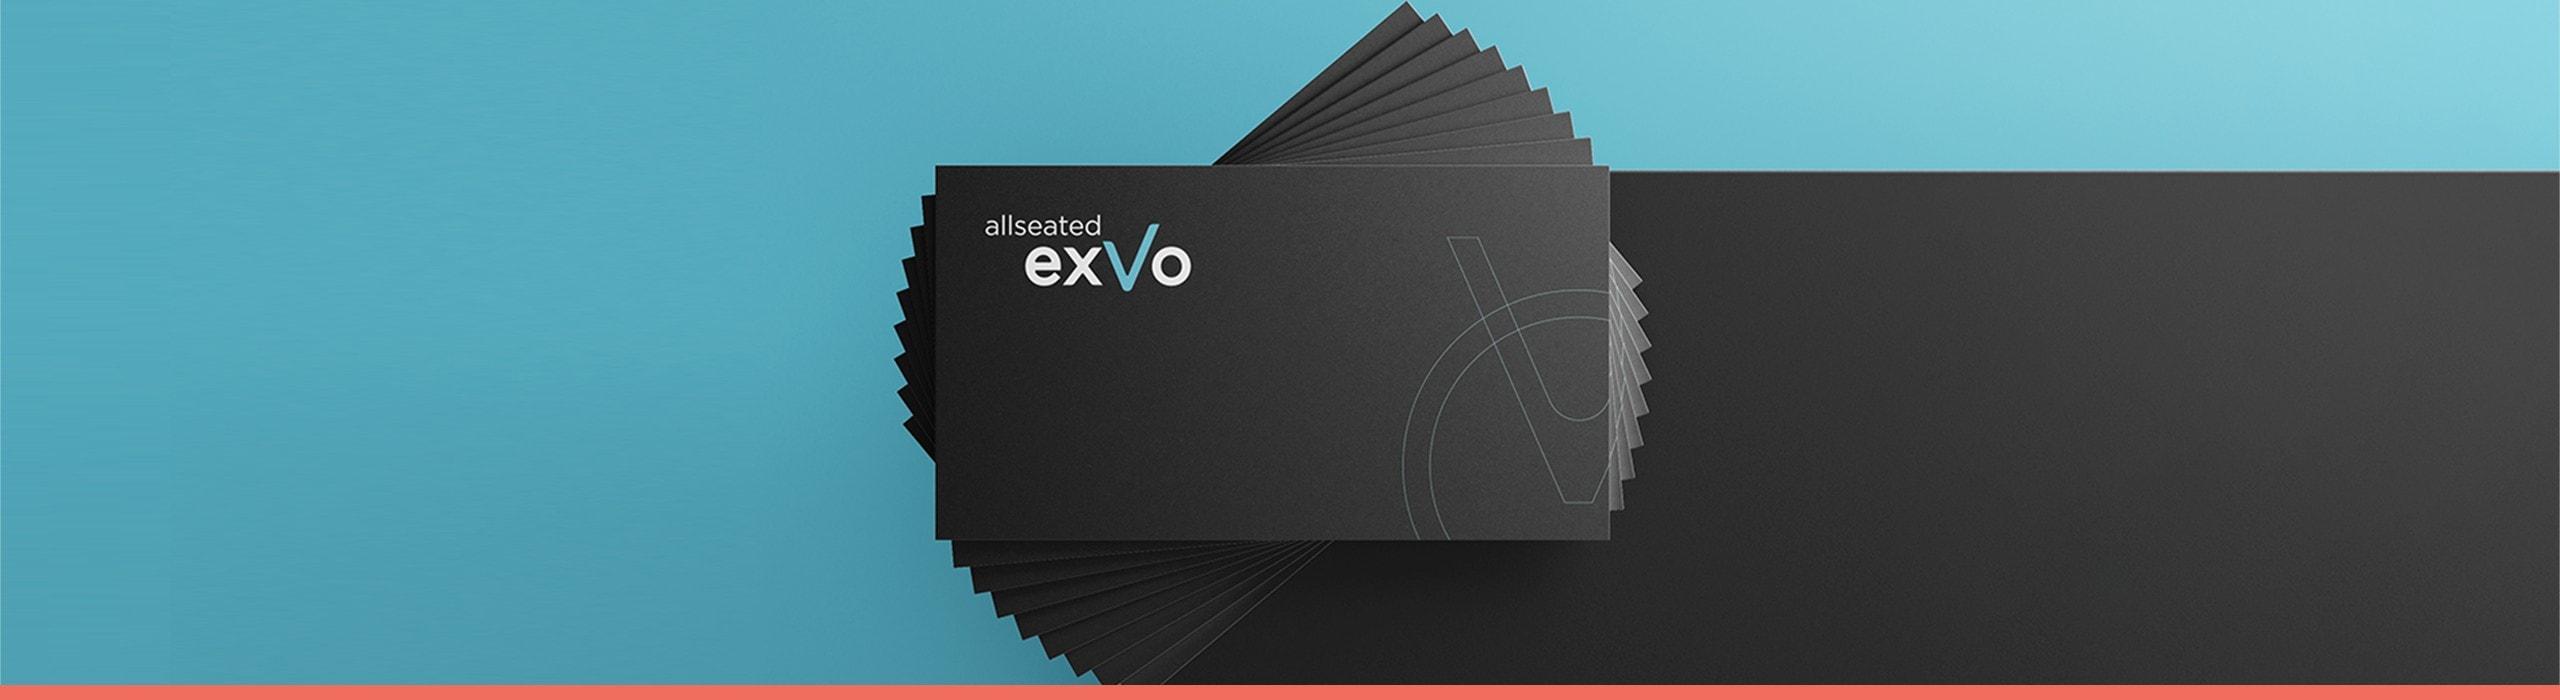 exVo - 03 - Natie Branding Agency